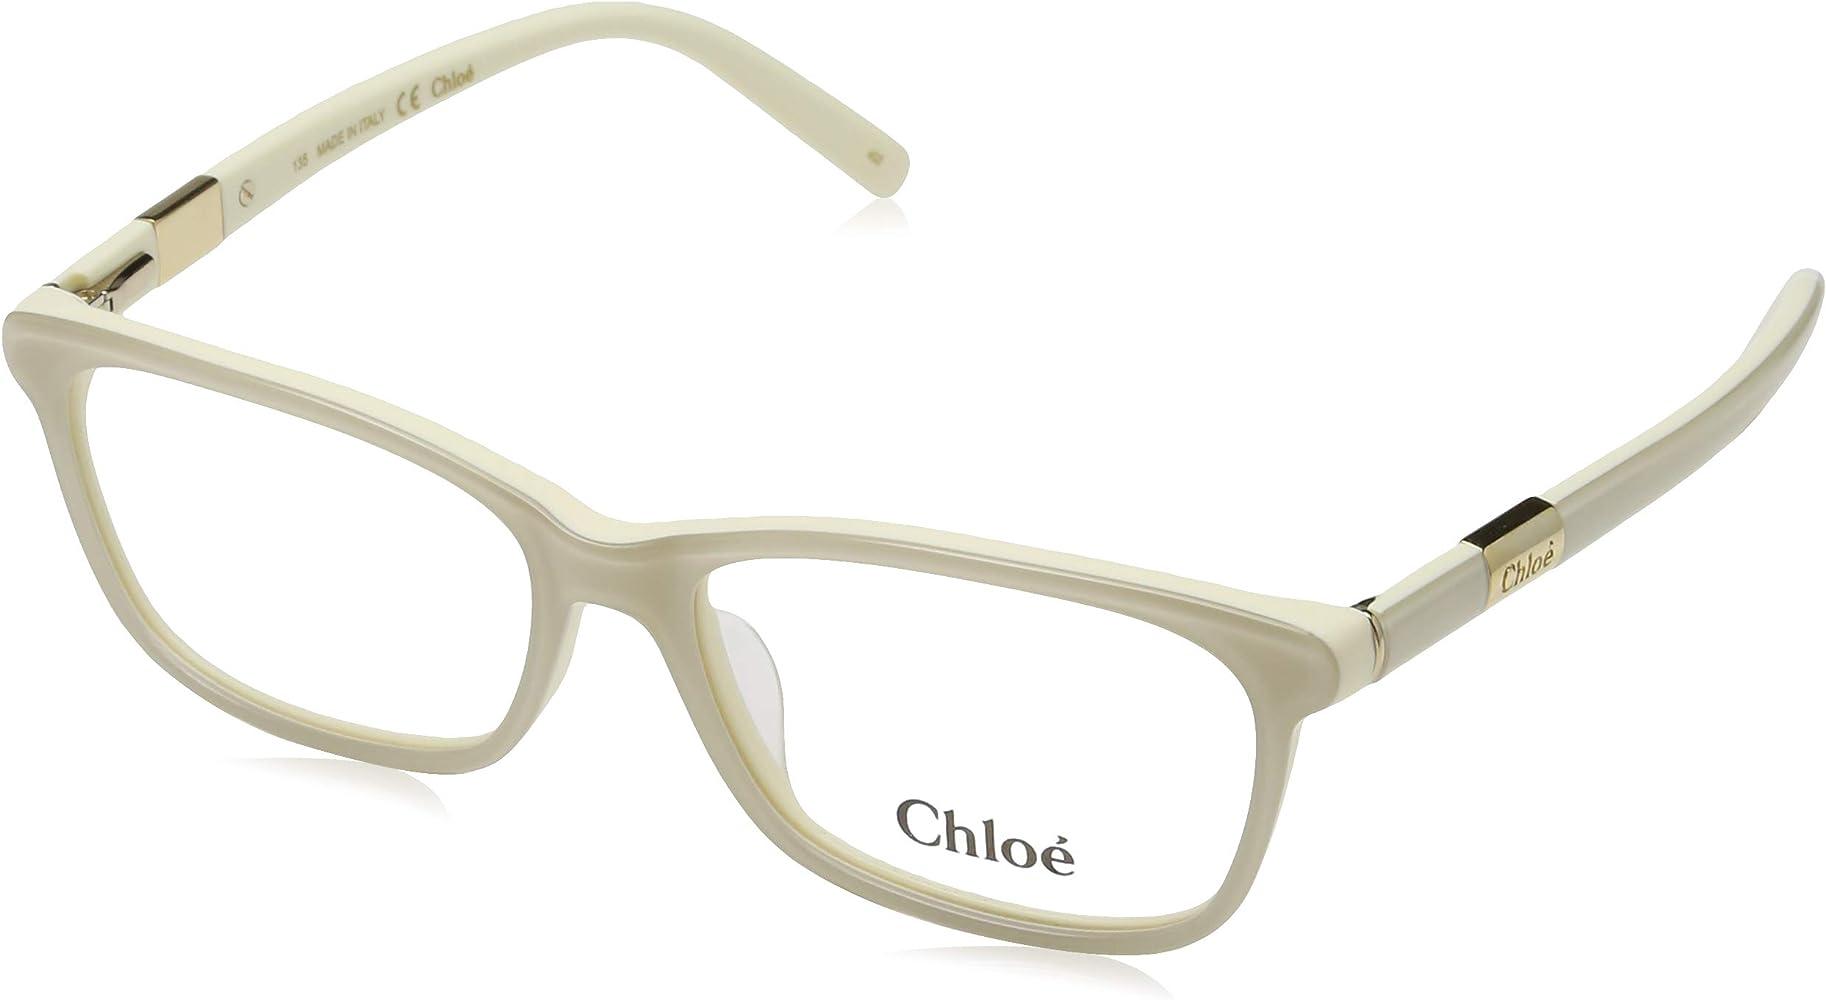 Chloè CE2628 103 53 Monturas de Gafas, Ivory, Unisex-niños: Amazon.es: Ropa y accesorios